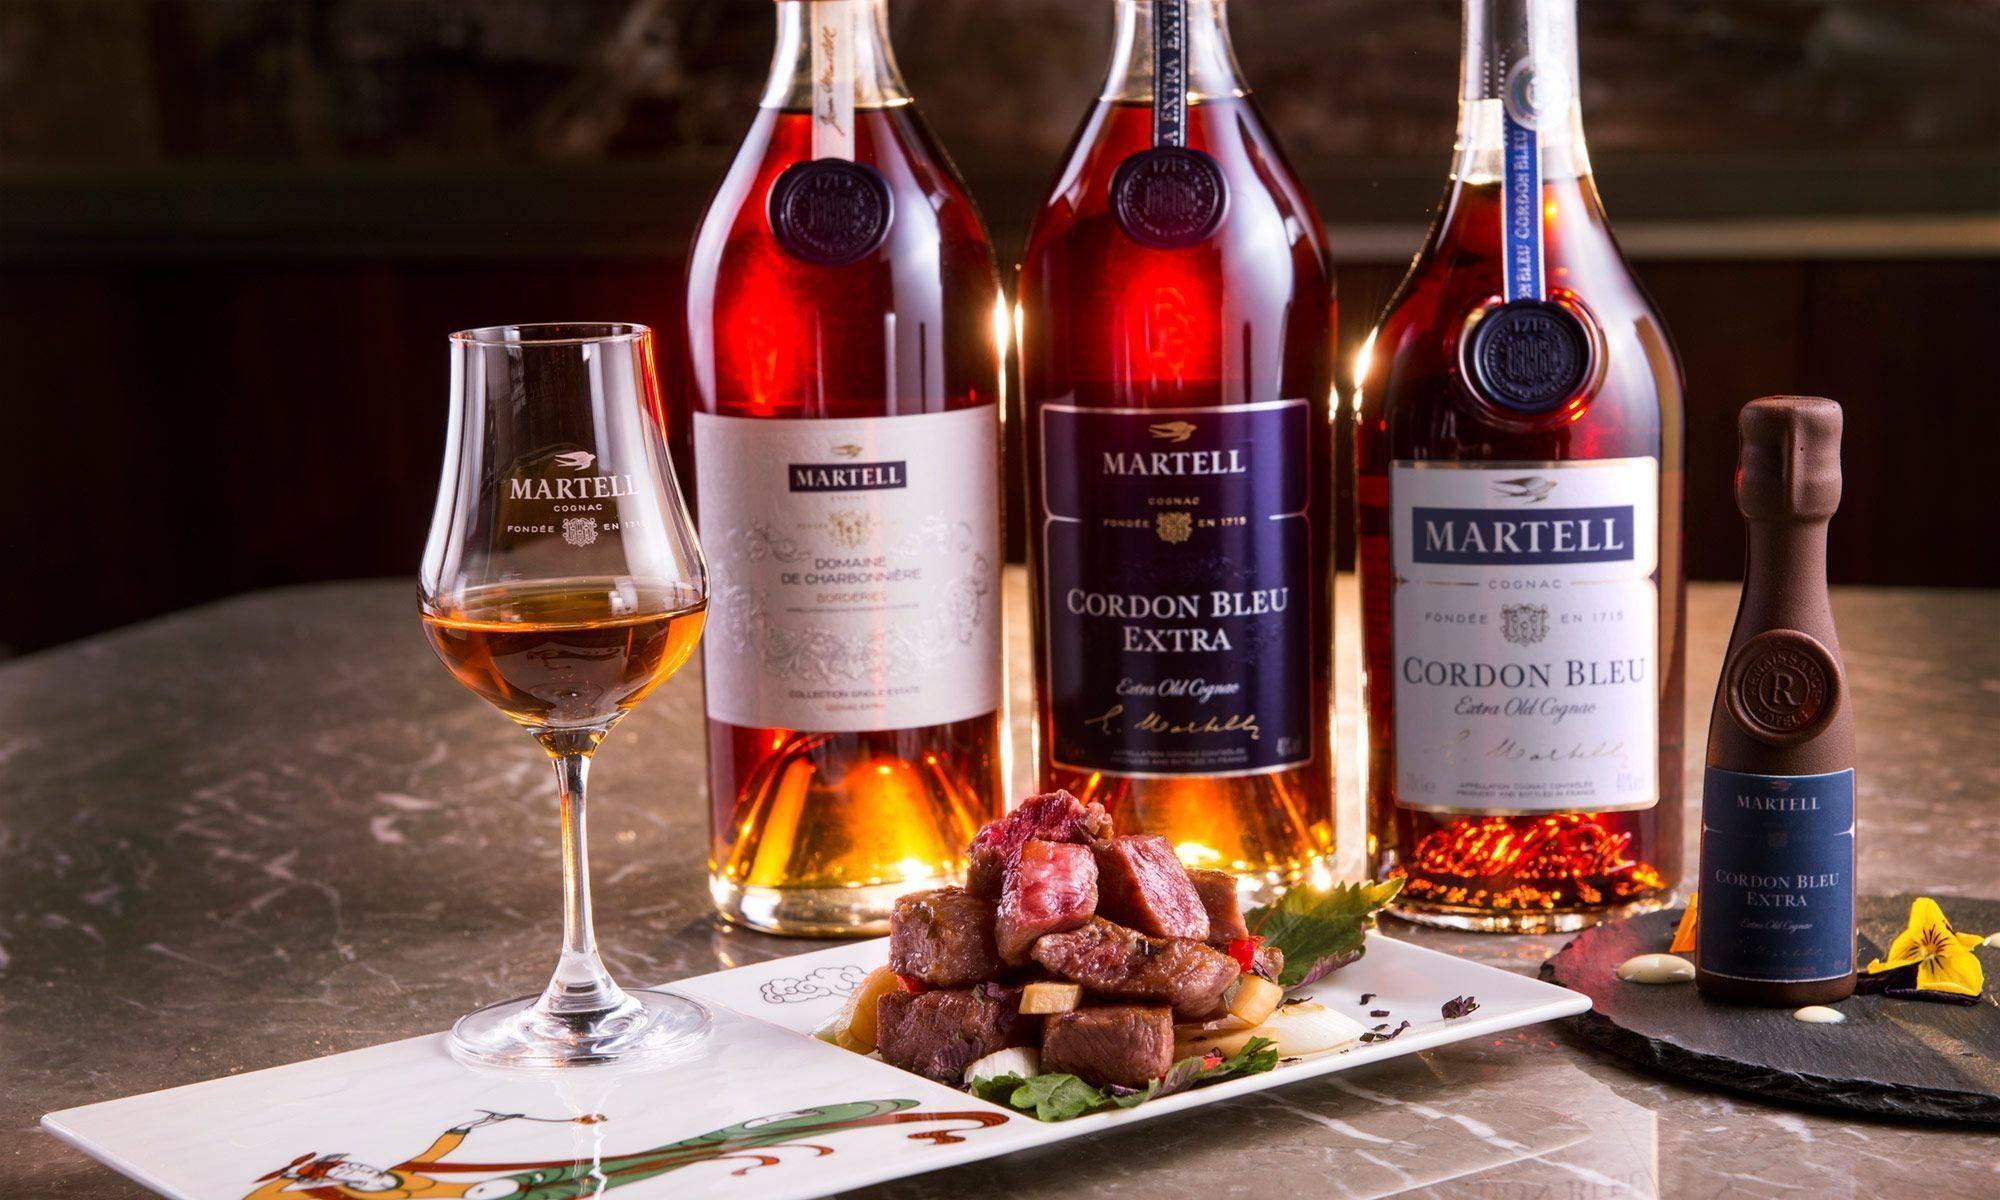 Алкоголь марки французский мартель: всоп, vs, xo и другие